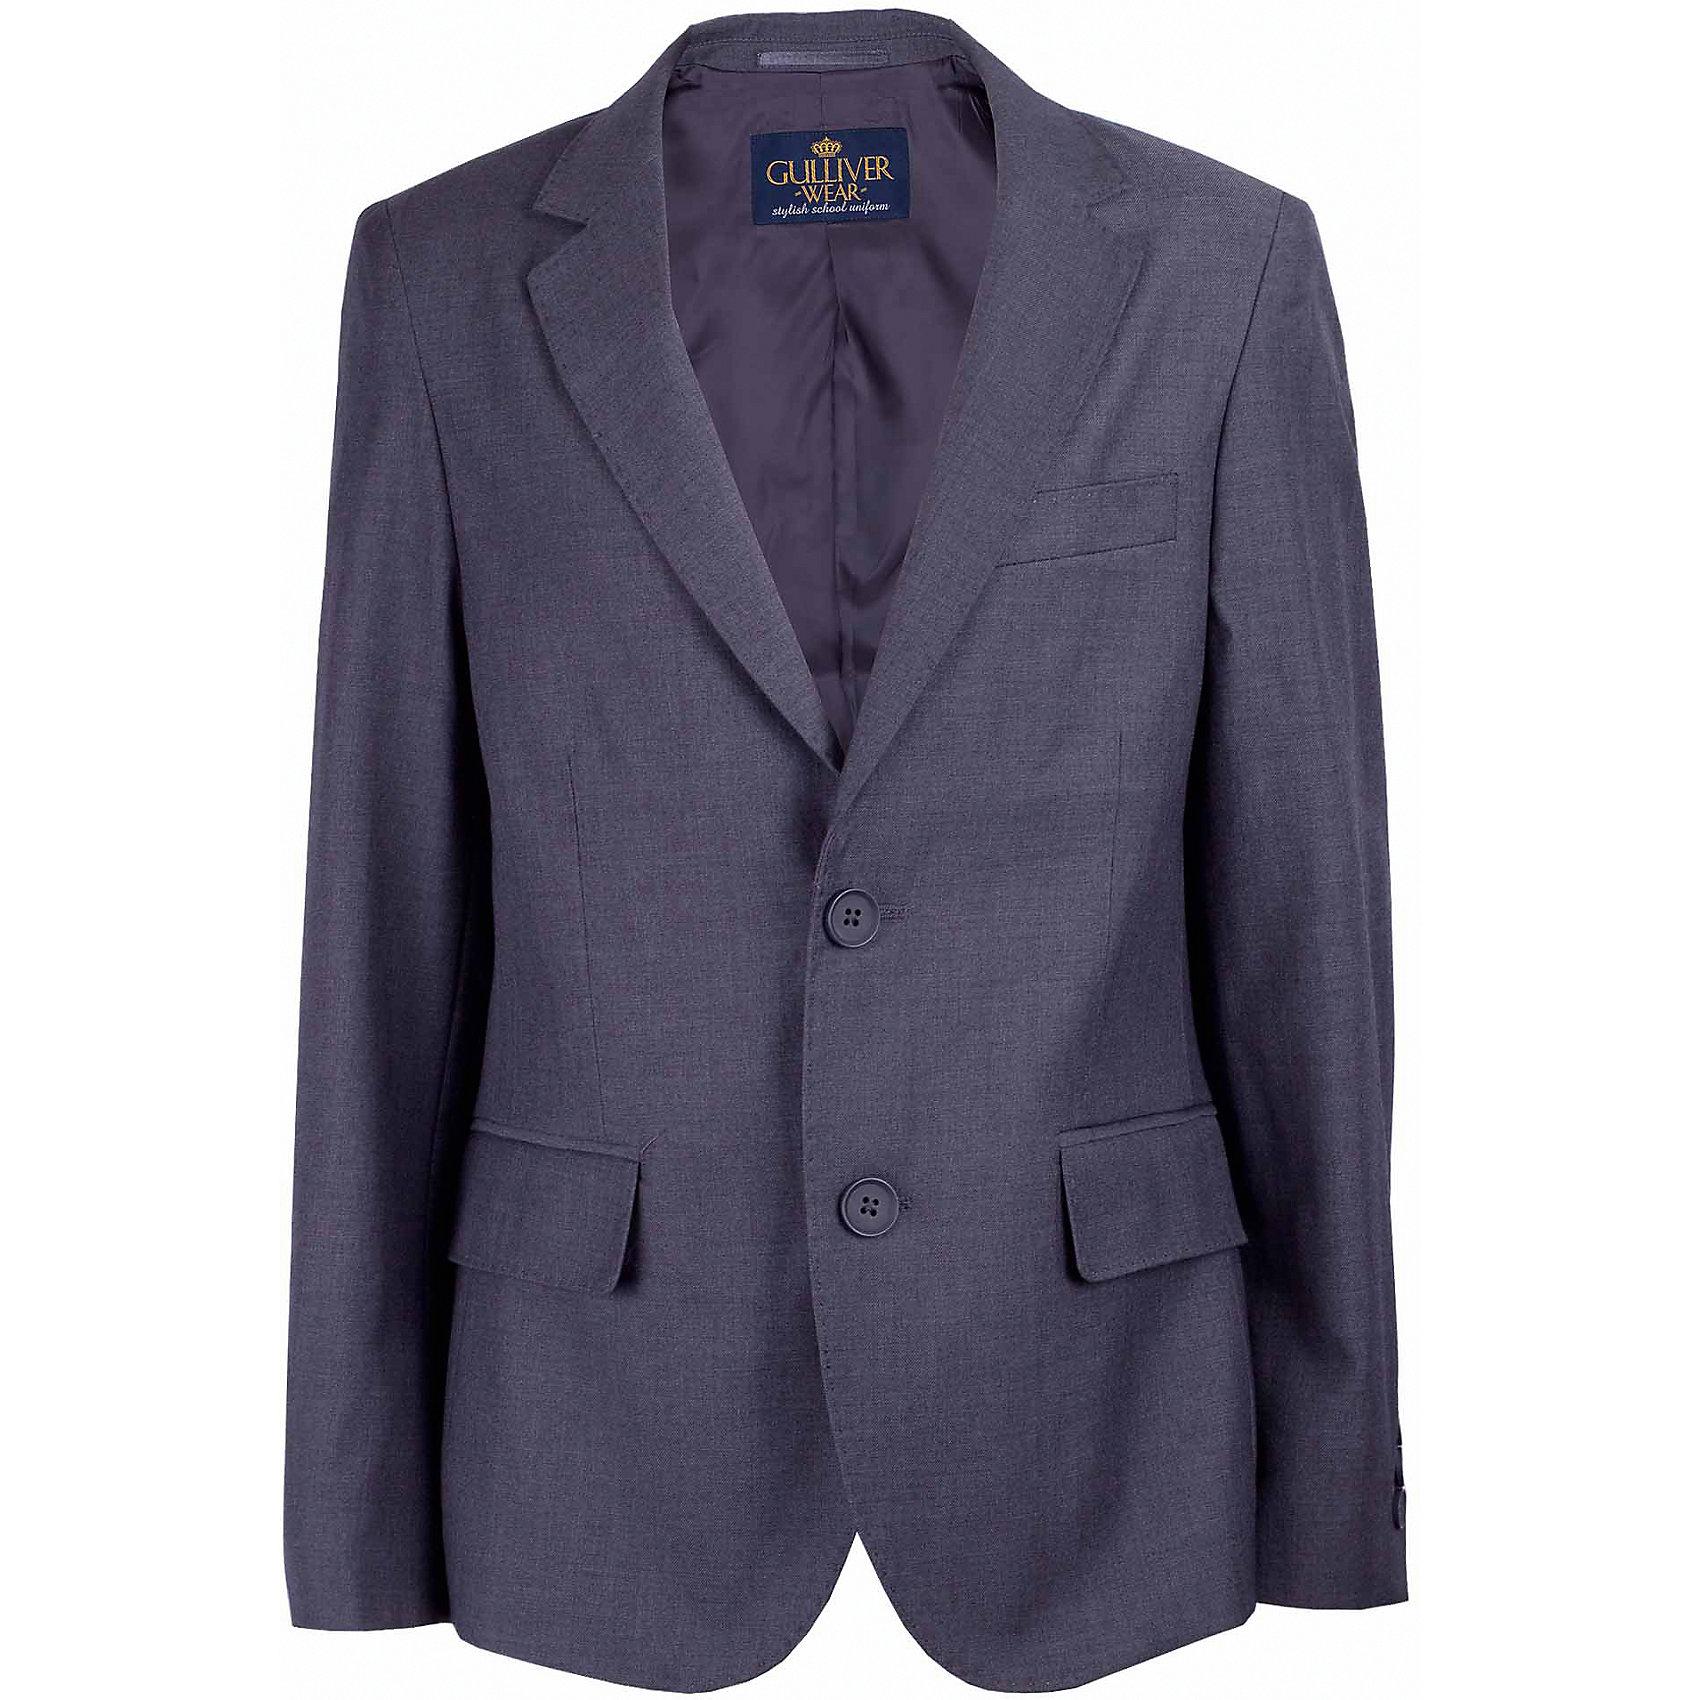 Пиджак для мальчика GulliverПиджаки и костюмы<br>Характеристики товара:<br><br>• цвет: серый<br>• состав: 10% шерсть, 25% вискоза, 65% полиэстер<br>• подкладка: 50% вискоза, 50% полиэстер <br>• сезон: демисезон<br>• застежки: пуговицы<br>• особенности: школьный, на подкладке<br>• страна бренда: Российская Федерация<br>• страна производства: Российская Федерация<br><br>Школьный пиджак для мальчика. Серый пиджак на подкладке застегивается на пуговицы.<br><br>Пиджак для мальчика Gulliver (Гулливер) можно купить в нашем интернет-магазине.<br><br>Ширина мм: 190<br>Глубина мм: 74<br>Высота мм: 229<br>Вес г: 236<br>Цвет: серый<br>Возраст от месяцев: 168<br>Возраст до месяцев: 180<br>Пол: Мужской<br>Возраст: Детский<br>Размер: 170,122,128,134,140,146,152,158,164<br>SKU: 6678506